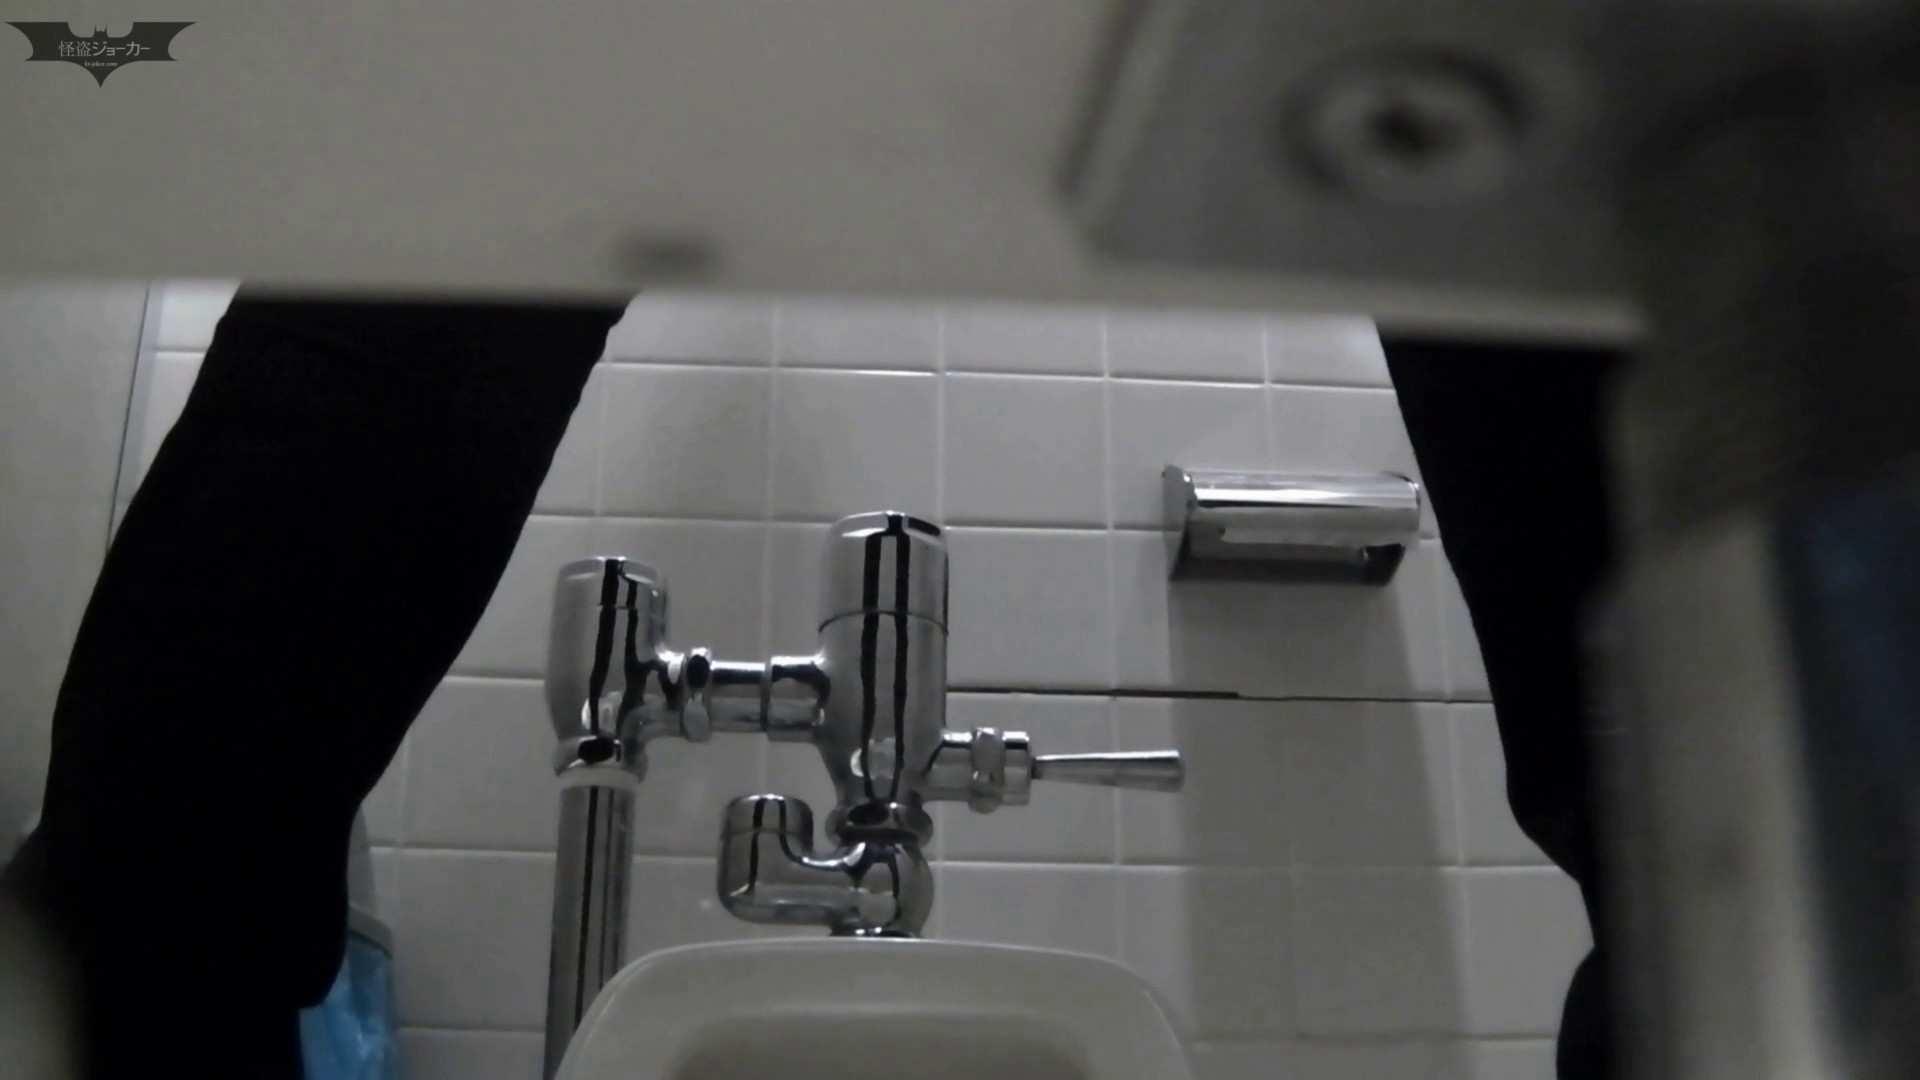 お銀さんの「洗面所突入レポート!!」 vol.55みなさんモリモリですね。 OLの実態  79pic 60